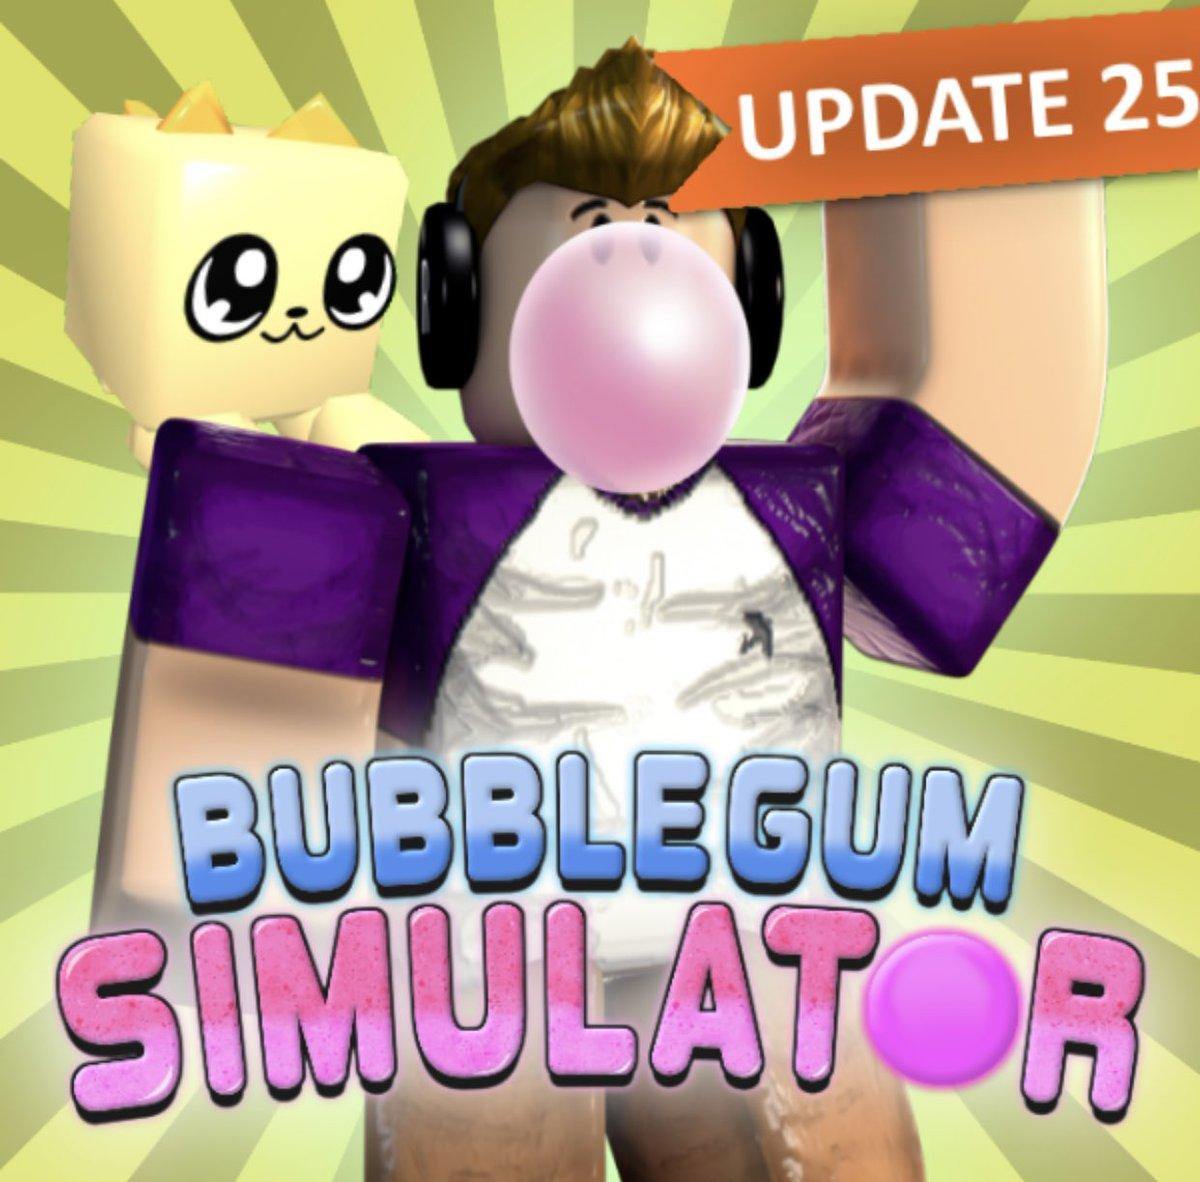 Roblox Bubble Gum Simulator Pixie Haidudes Haidudes1 Twitter